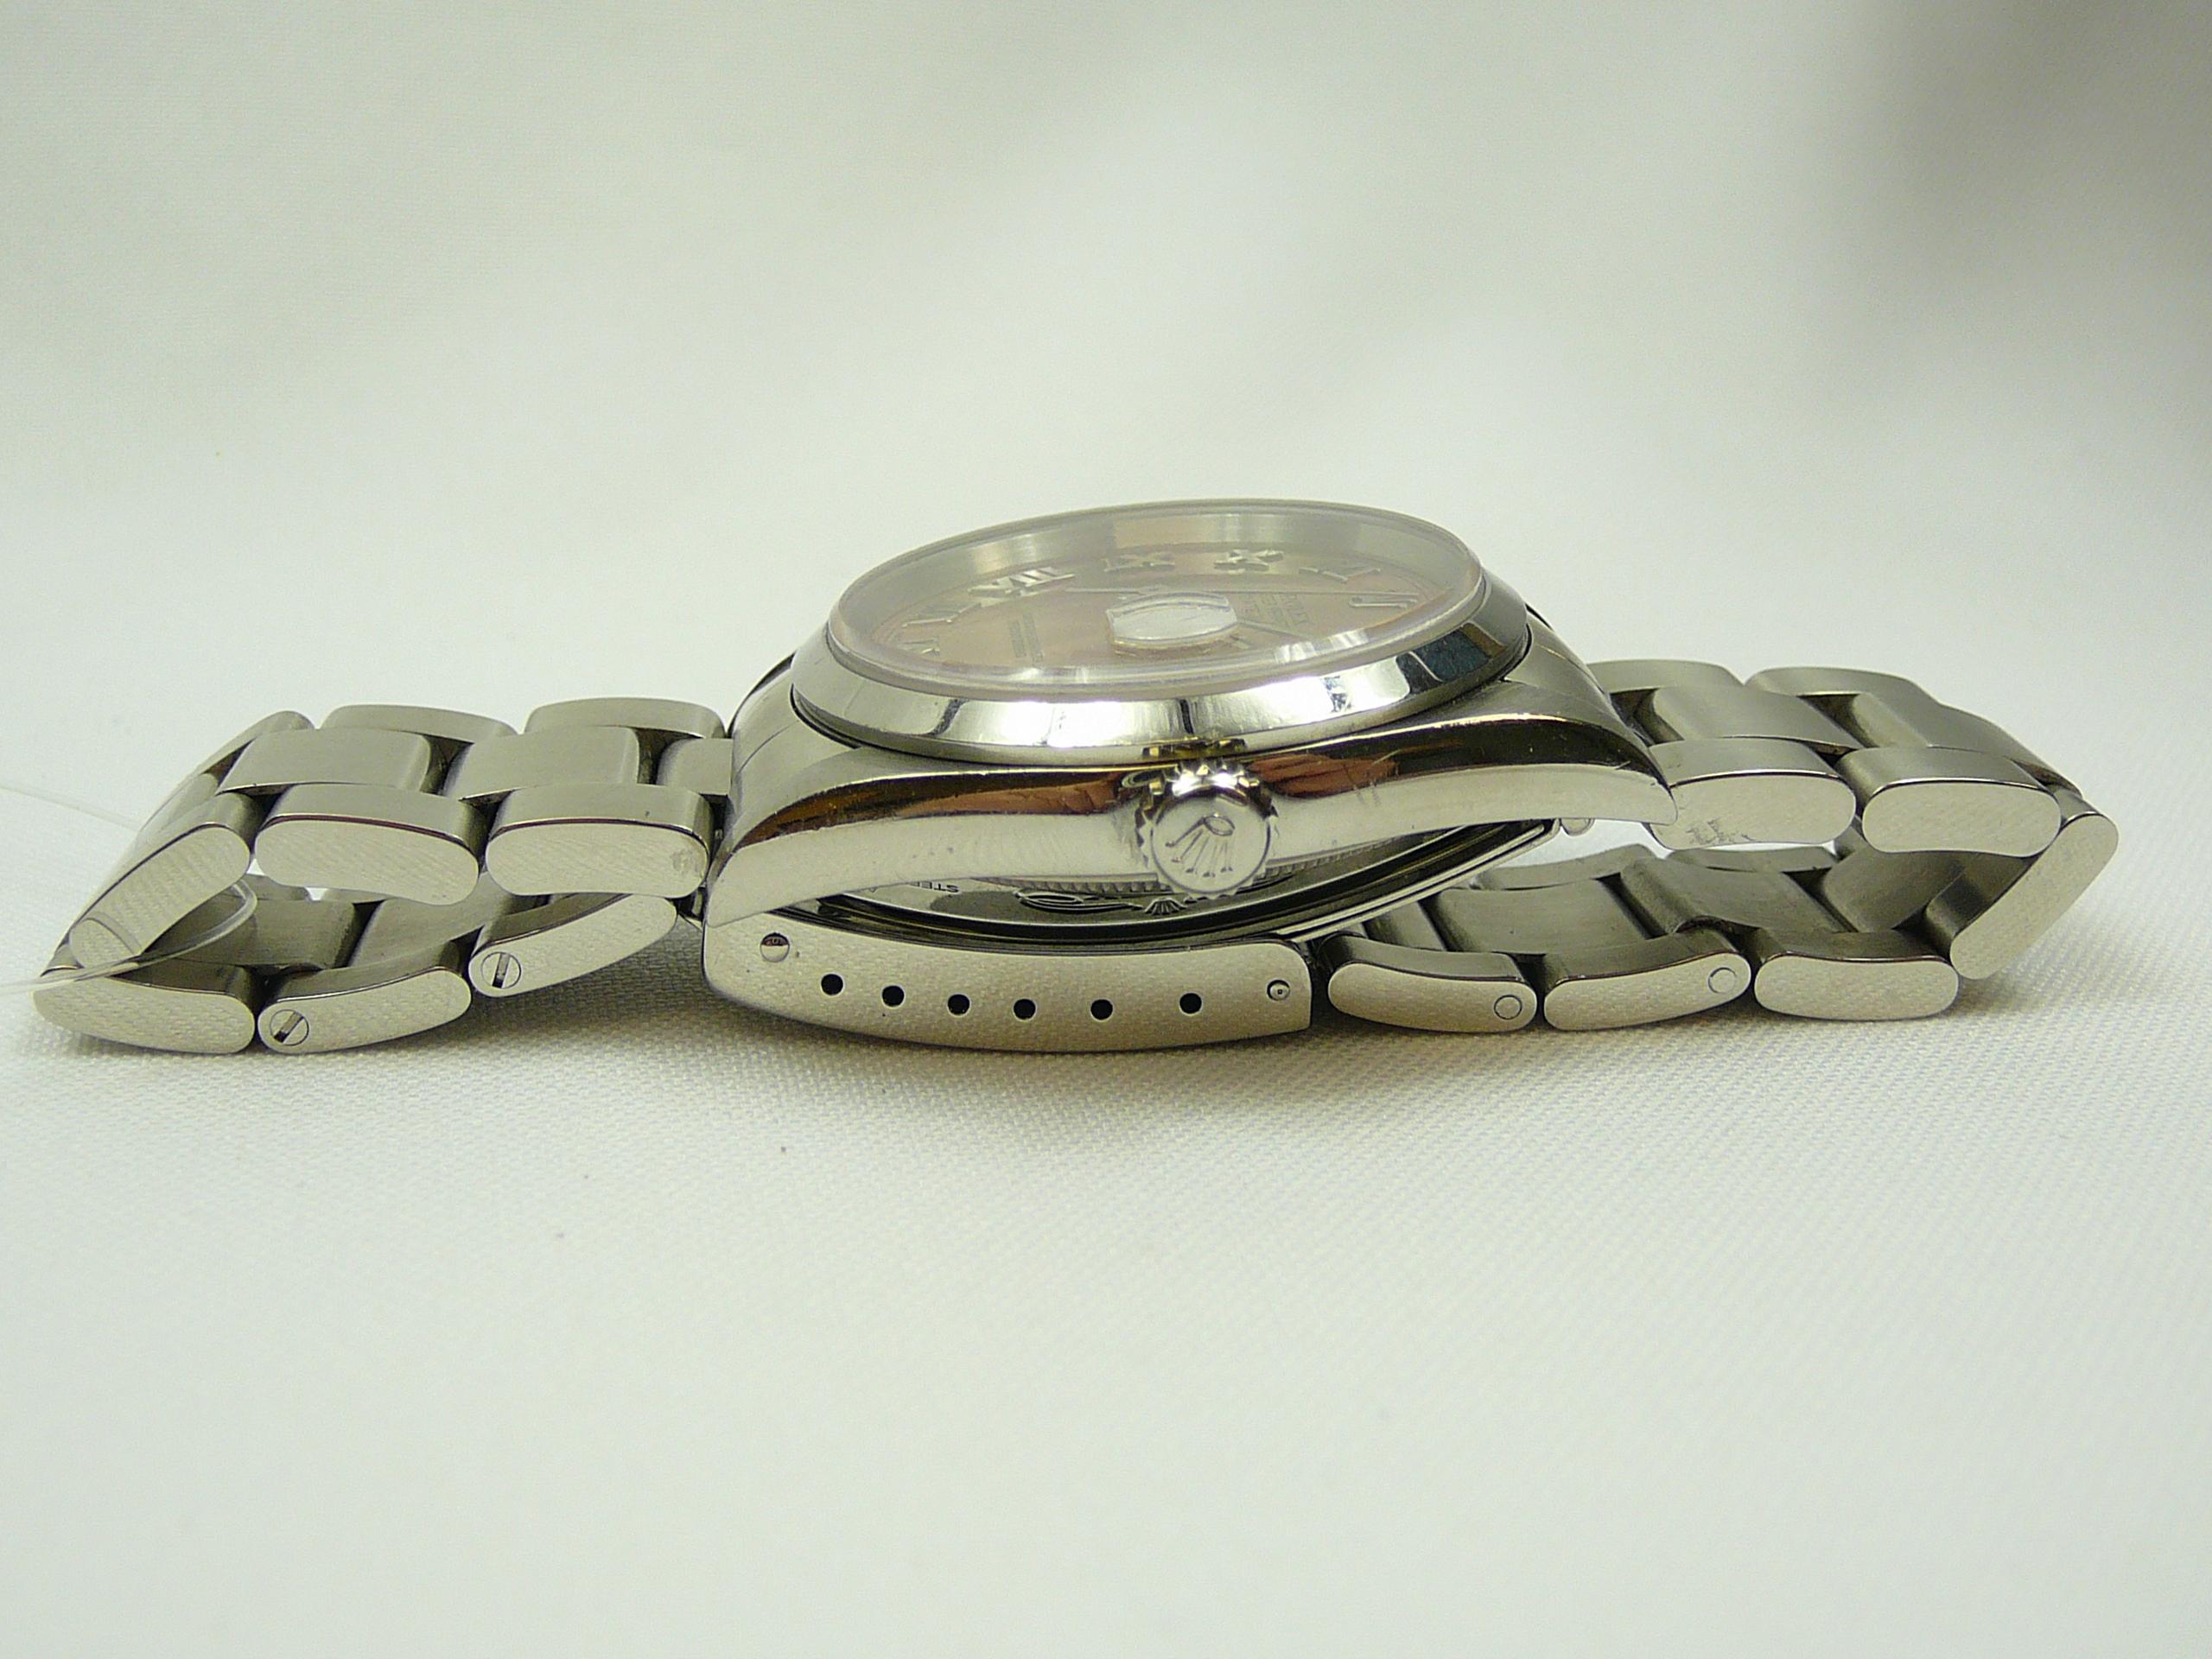 Gents Rolex Wrist Watch - Image 3 of 5